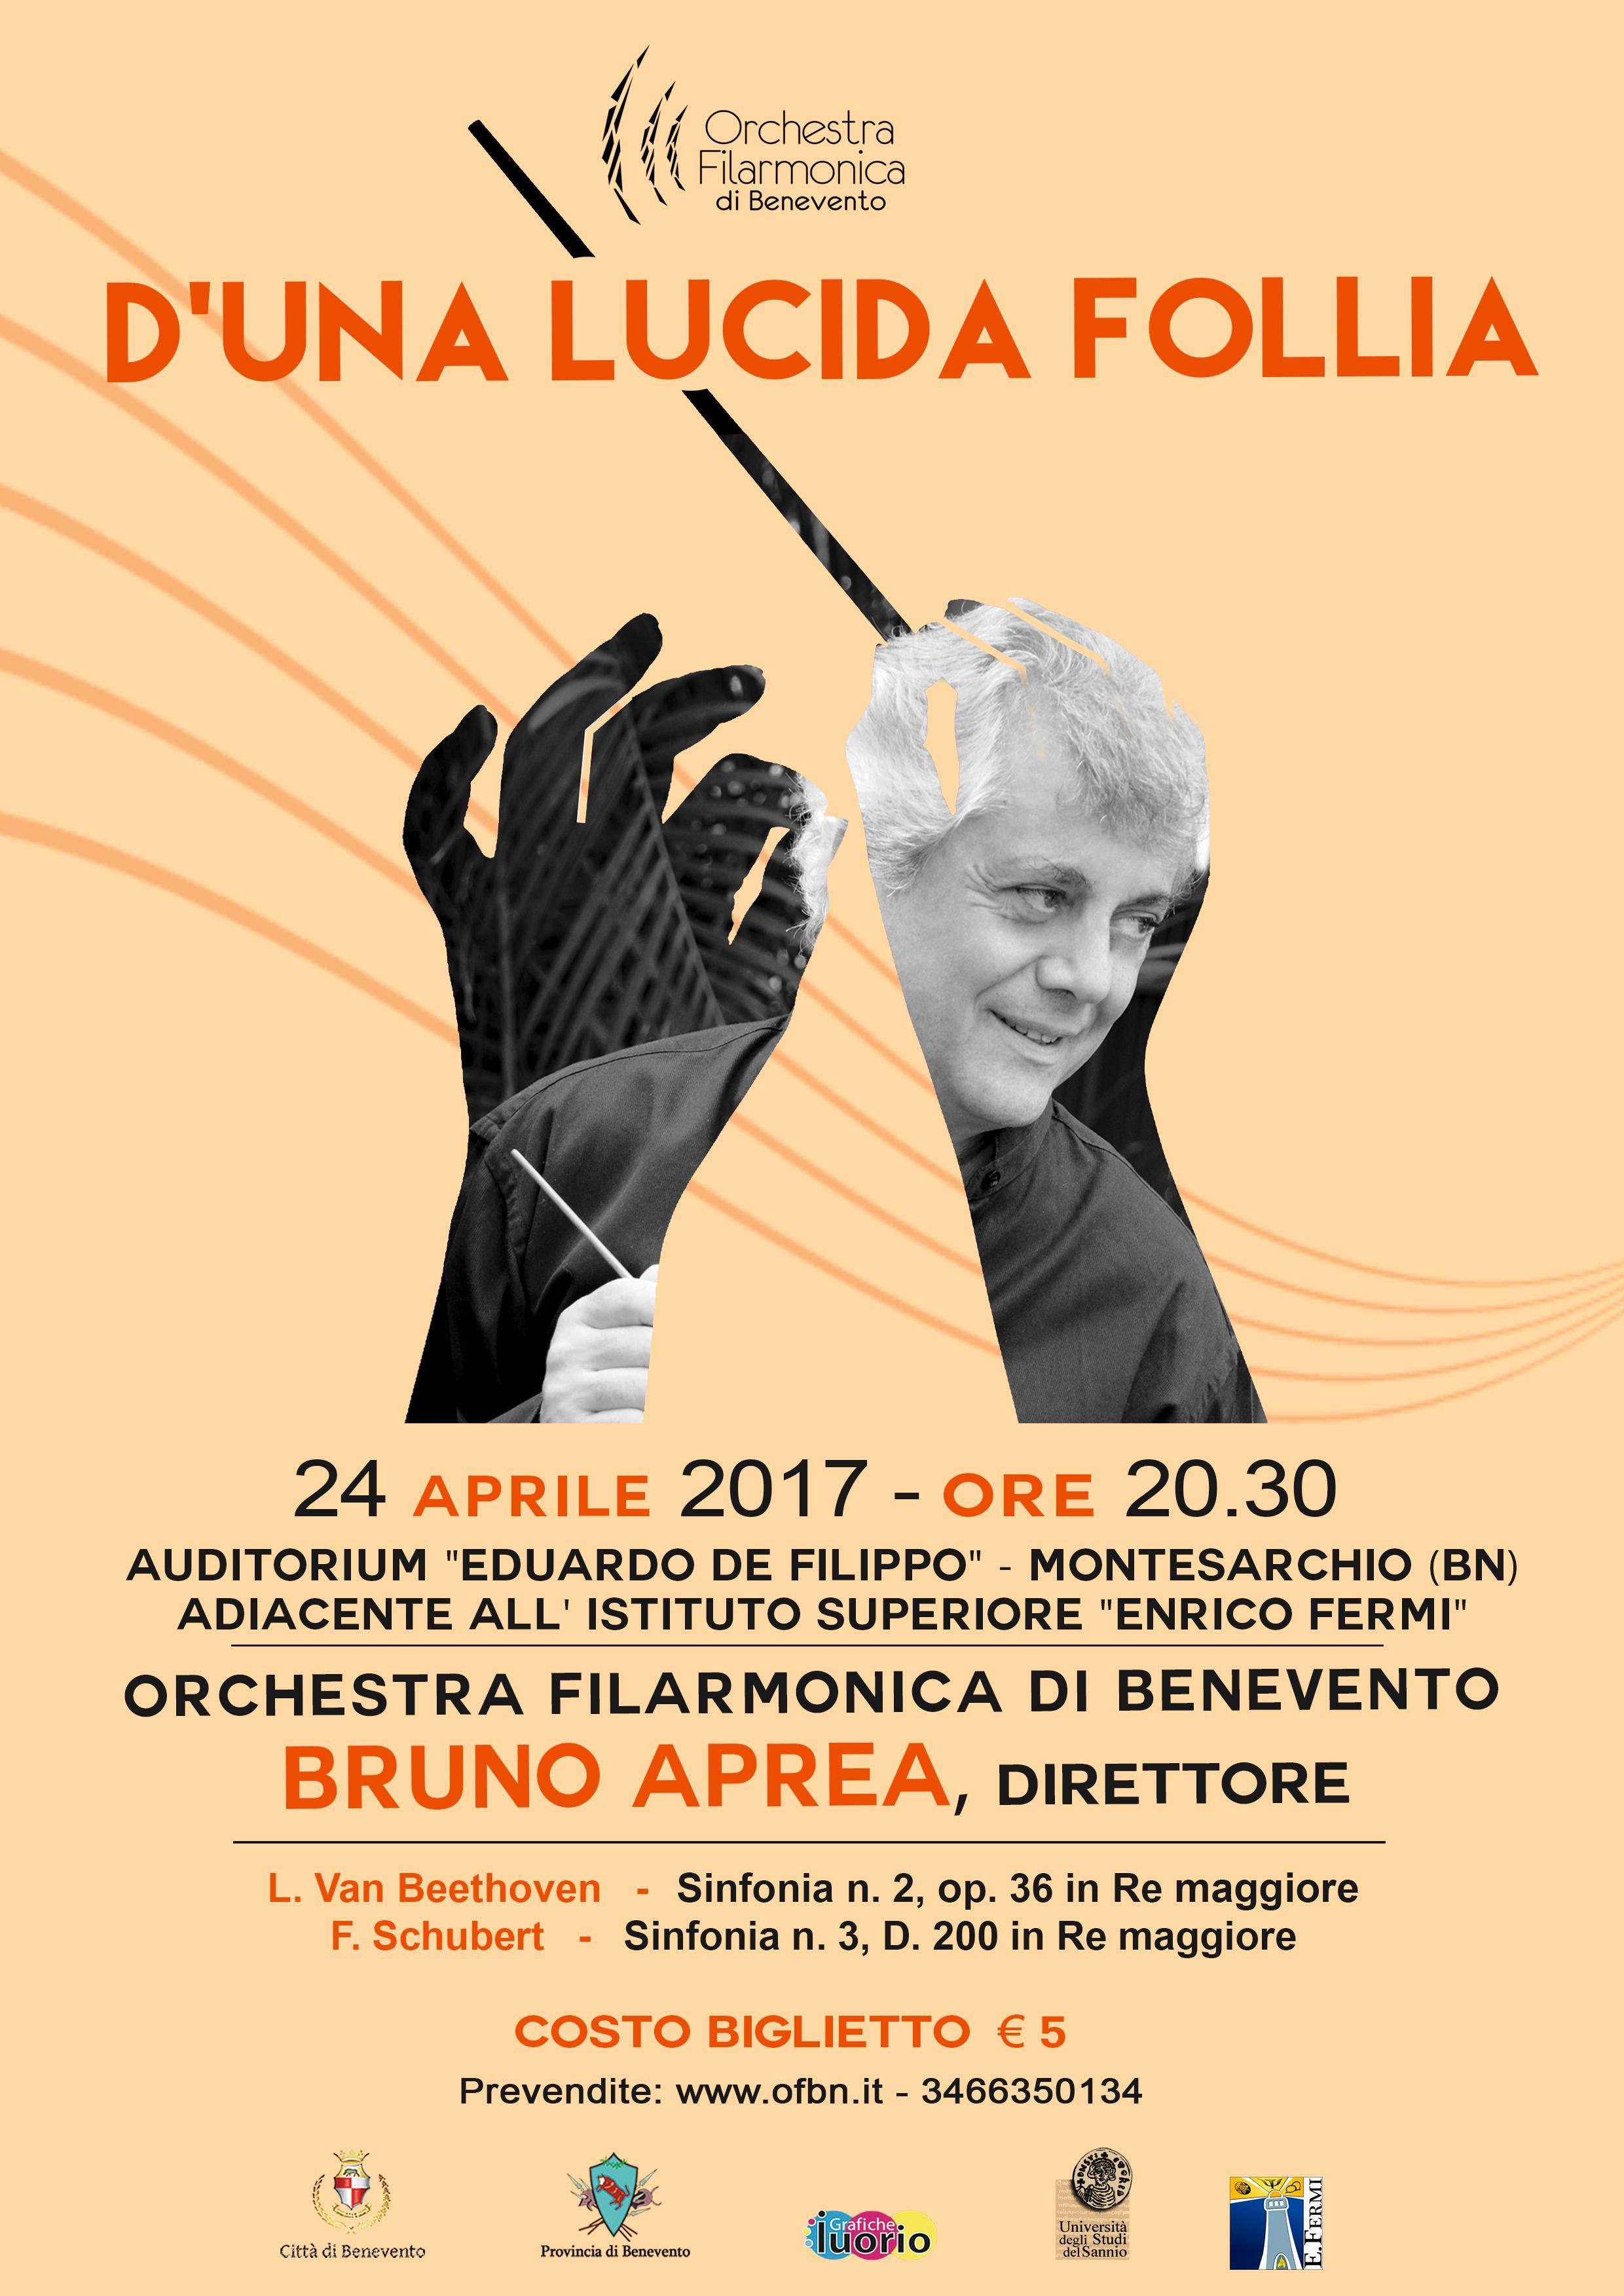 L'Orchestra Filarmonica in trasferta a Montesarchio con il concerto 'D'una lucida follia'